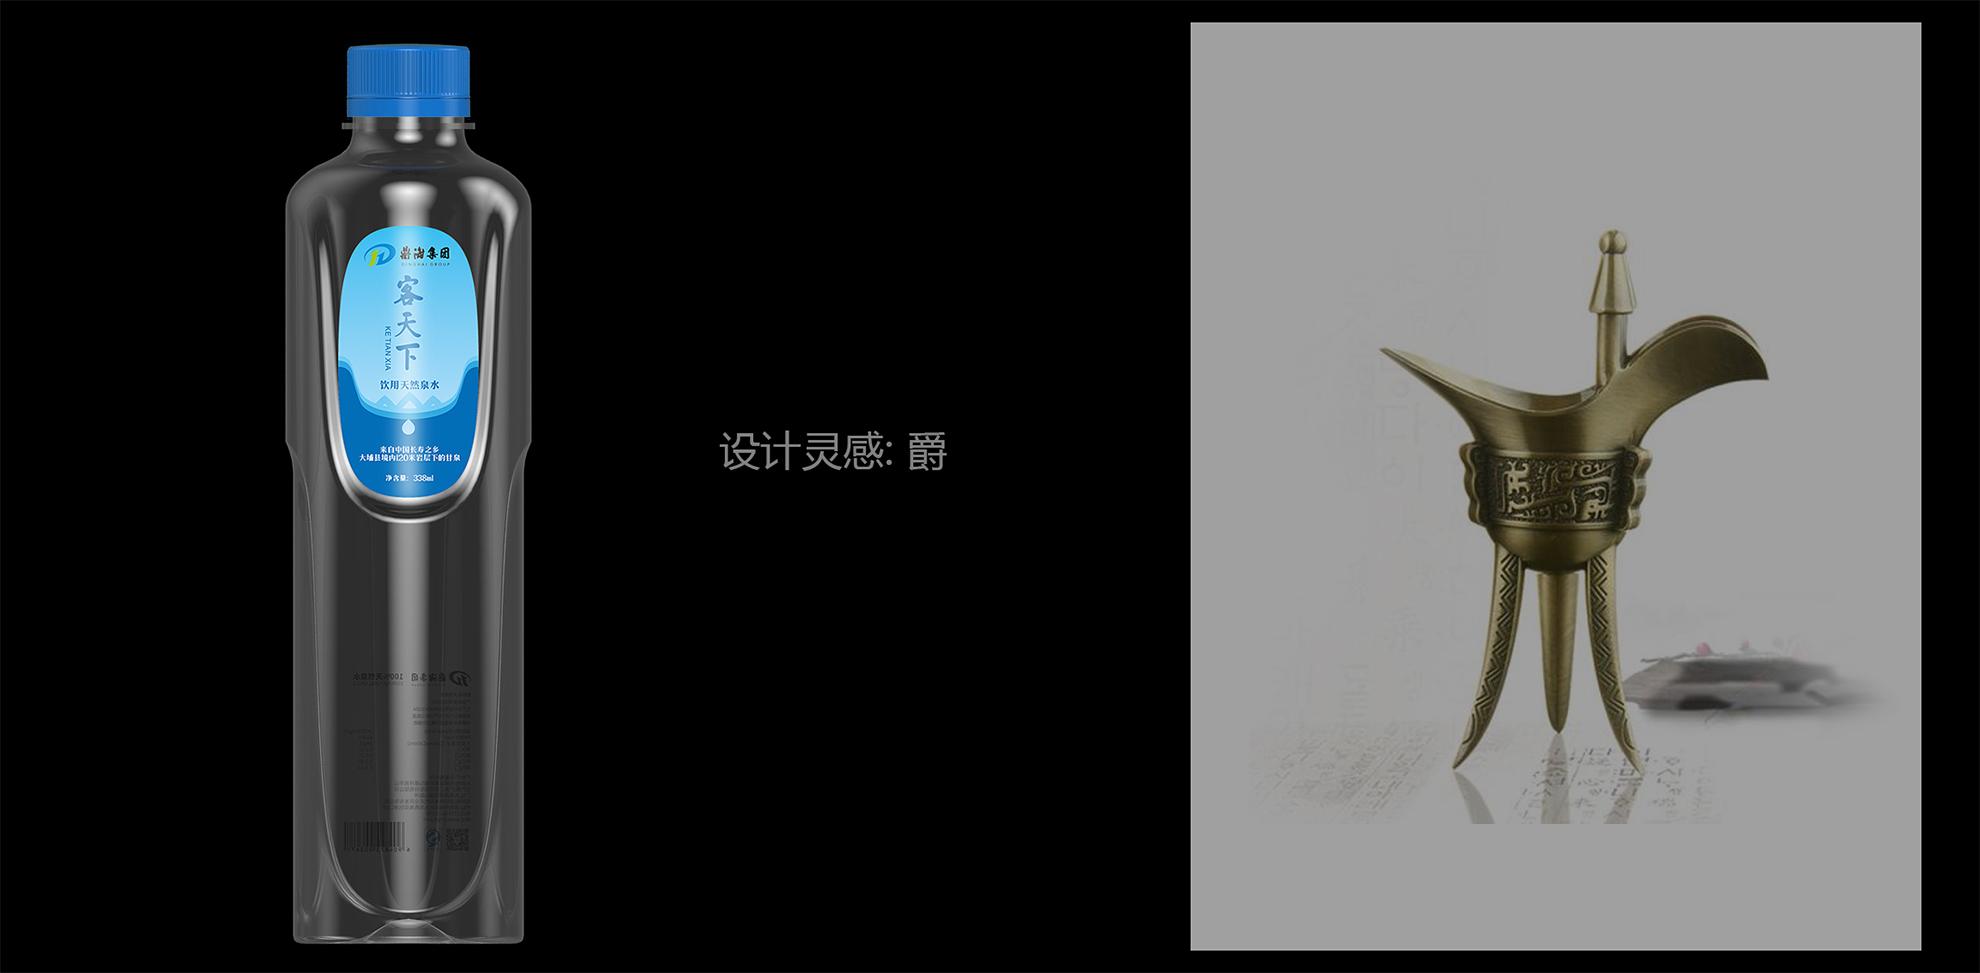 深圳市莫奈工业设计有限公司以发展中企业提供产品外观设计、深圳产品设计、产品造型设计、结构设计、模型制作、包装设计、模具生产的服务产品外观设计公司。